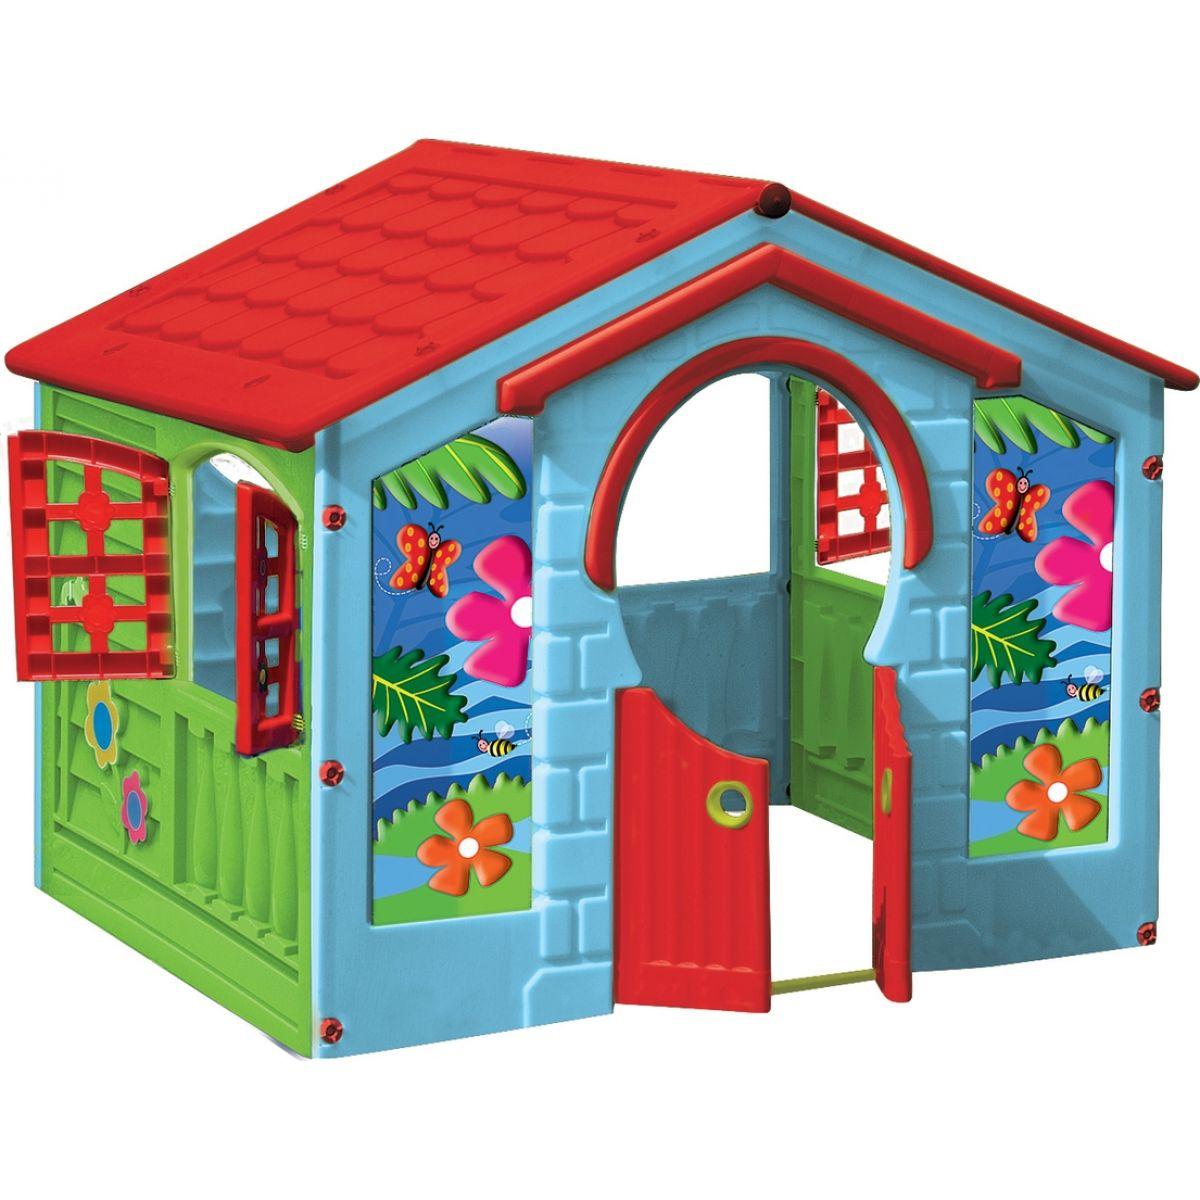 Marian Plast Dětský domeček Happy House Farmářský zelený